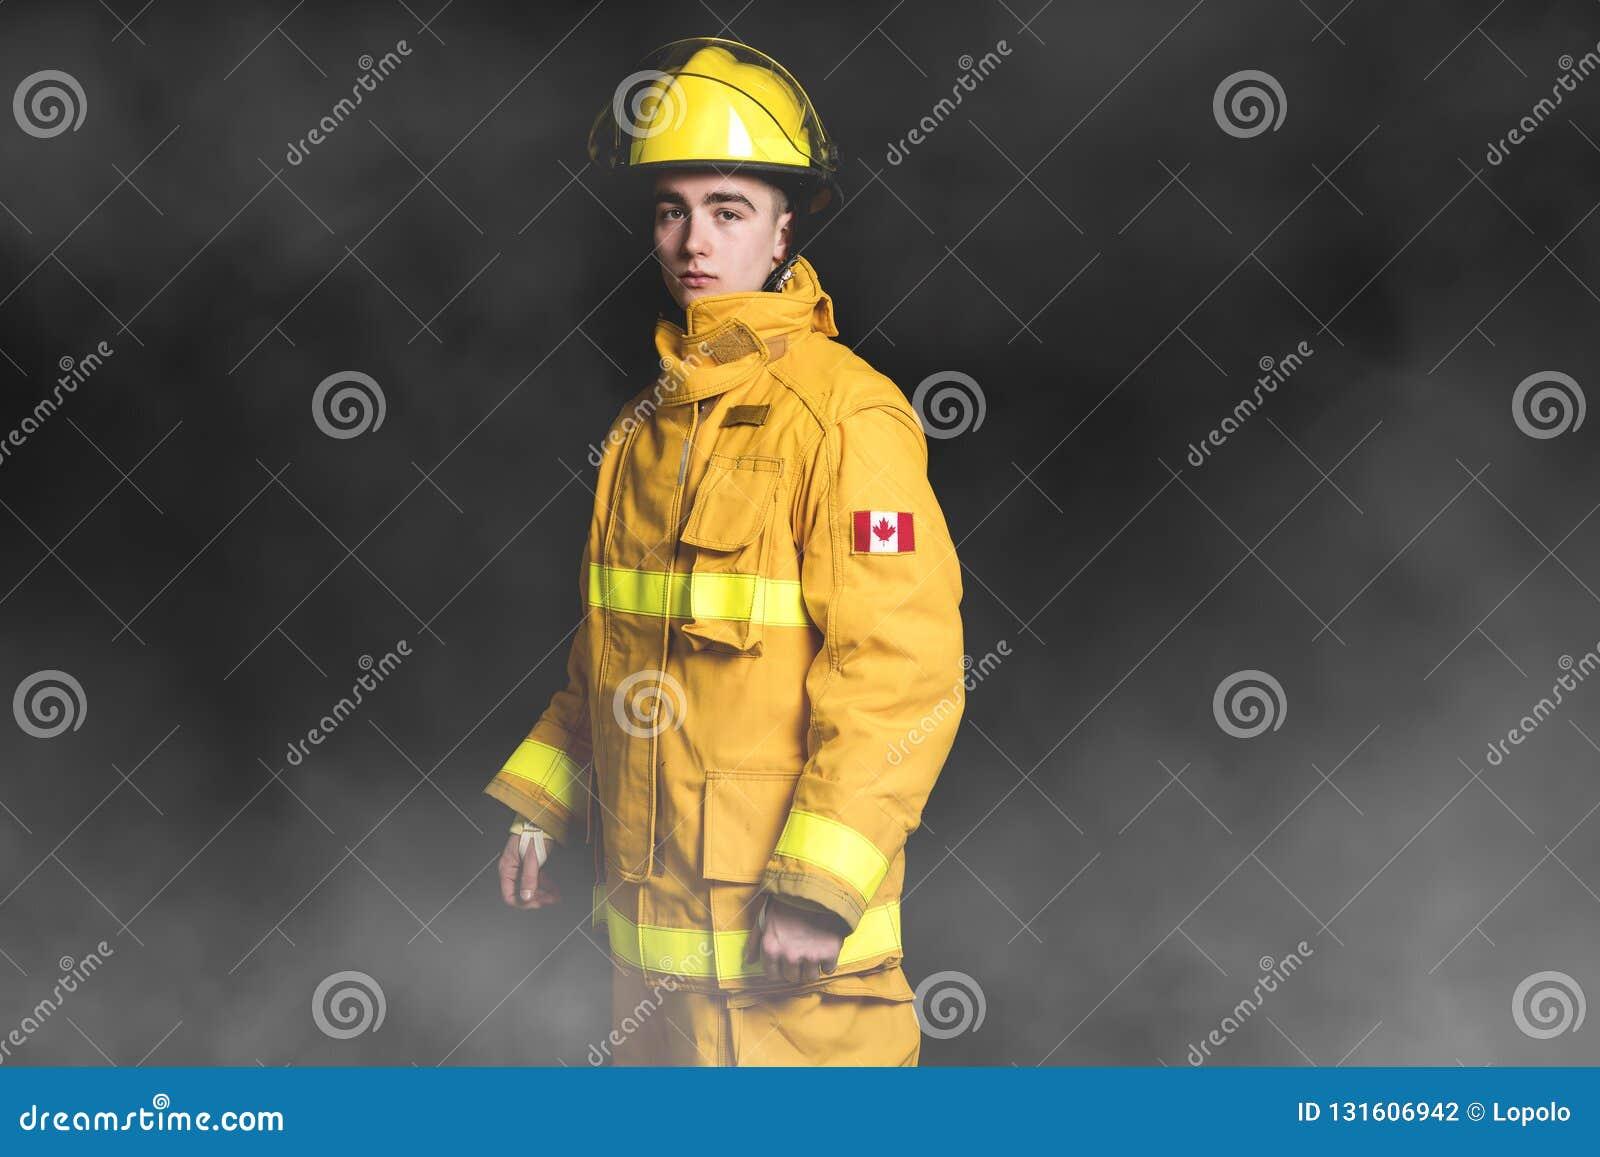 Retrato de la cintura de la situación del bombero encima del tiro del estudio en fondo y moke negros